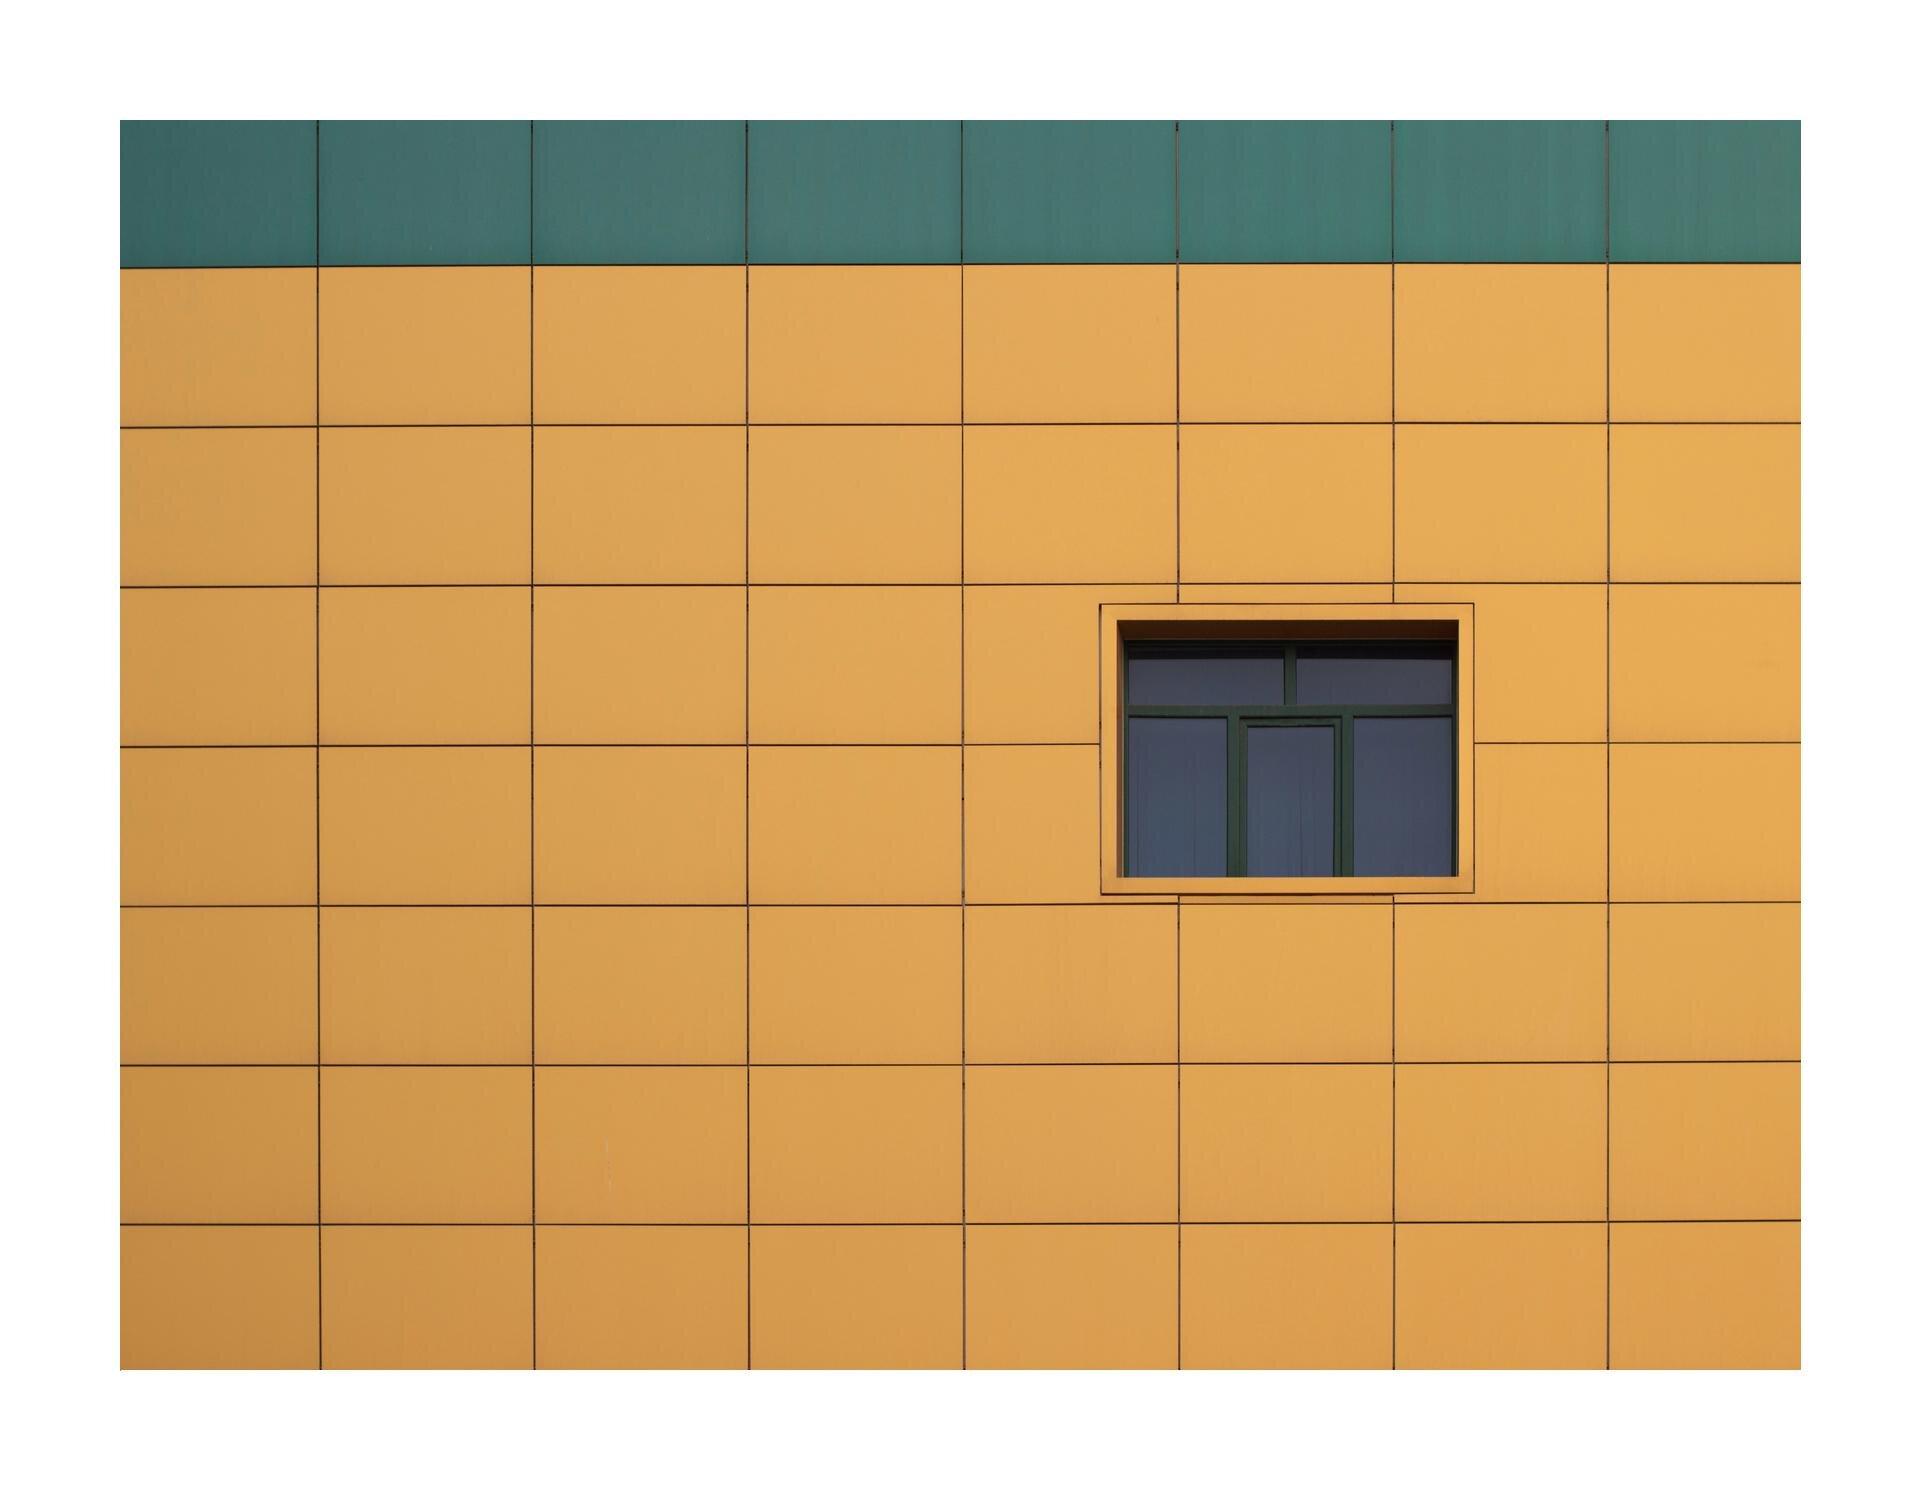 Wzadaniu zostało wykorzystane zdjęcie ściany budynku. Jest ona wkolorze brązowym, agórny pasek jest koloru zielonego, pośrodku znajduje się okno.